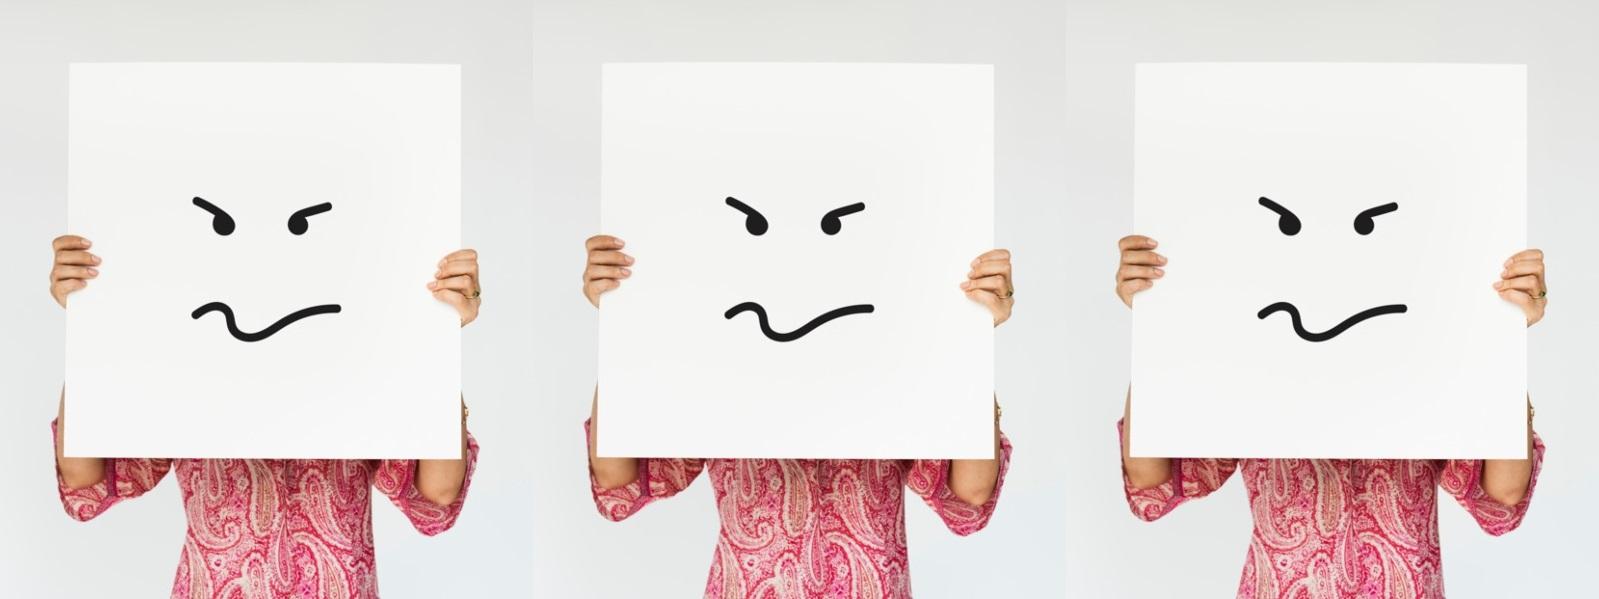 Θυμός Λόγοι: Γίνεται όλο και πιο δύσκολο να σταματήσουμε να θυμώνουμε στους άλλους ανθρώπους;